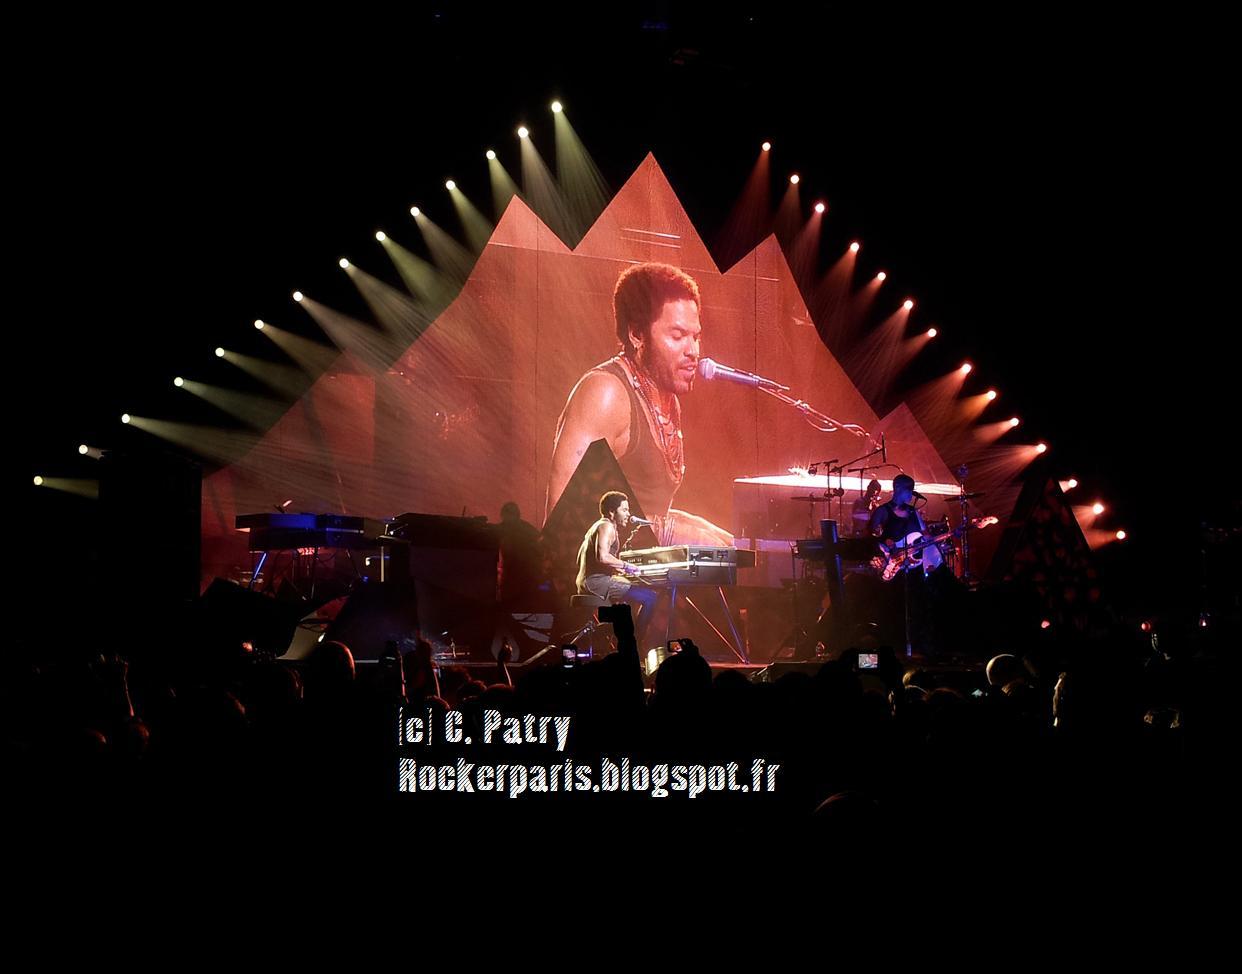 http://4.bp.blogspot.com/-j1TK_pCd5g0/T-rhI-KszxI/AAAAAAAAZrw/FPAURpuDq8w/s1600/20120626_232757copie.jpg